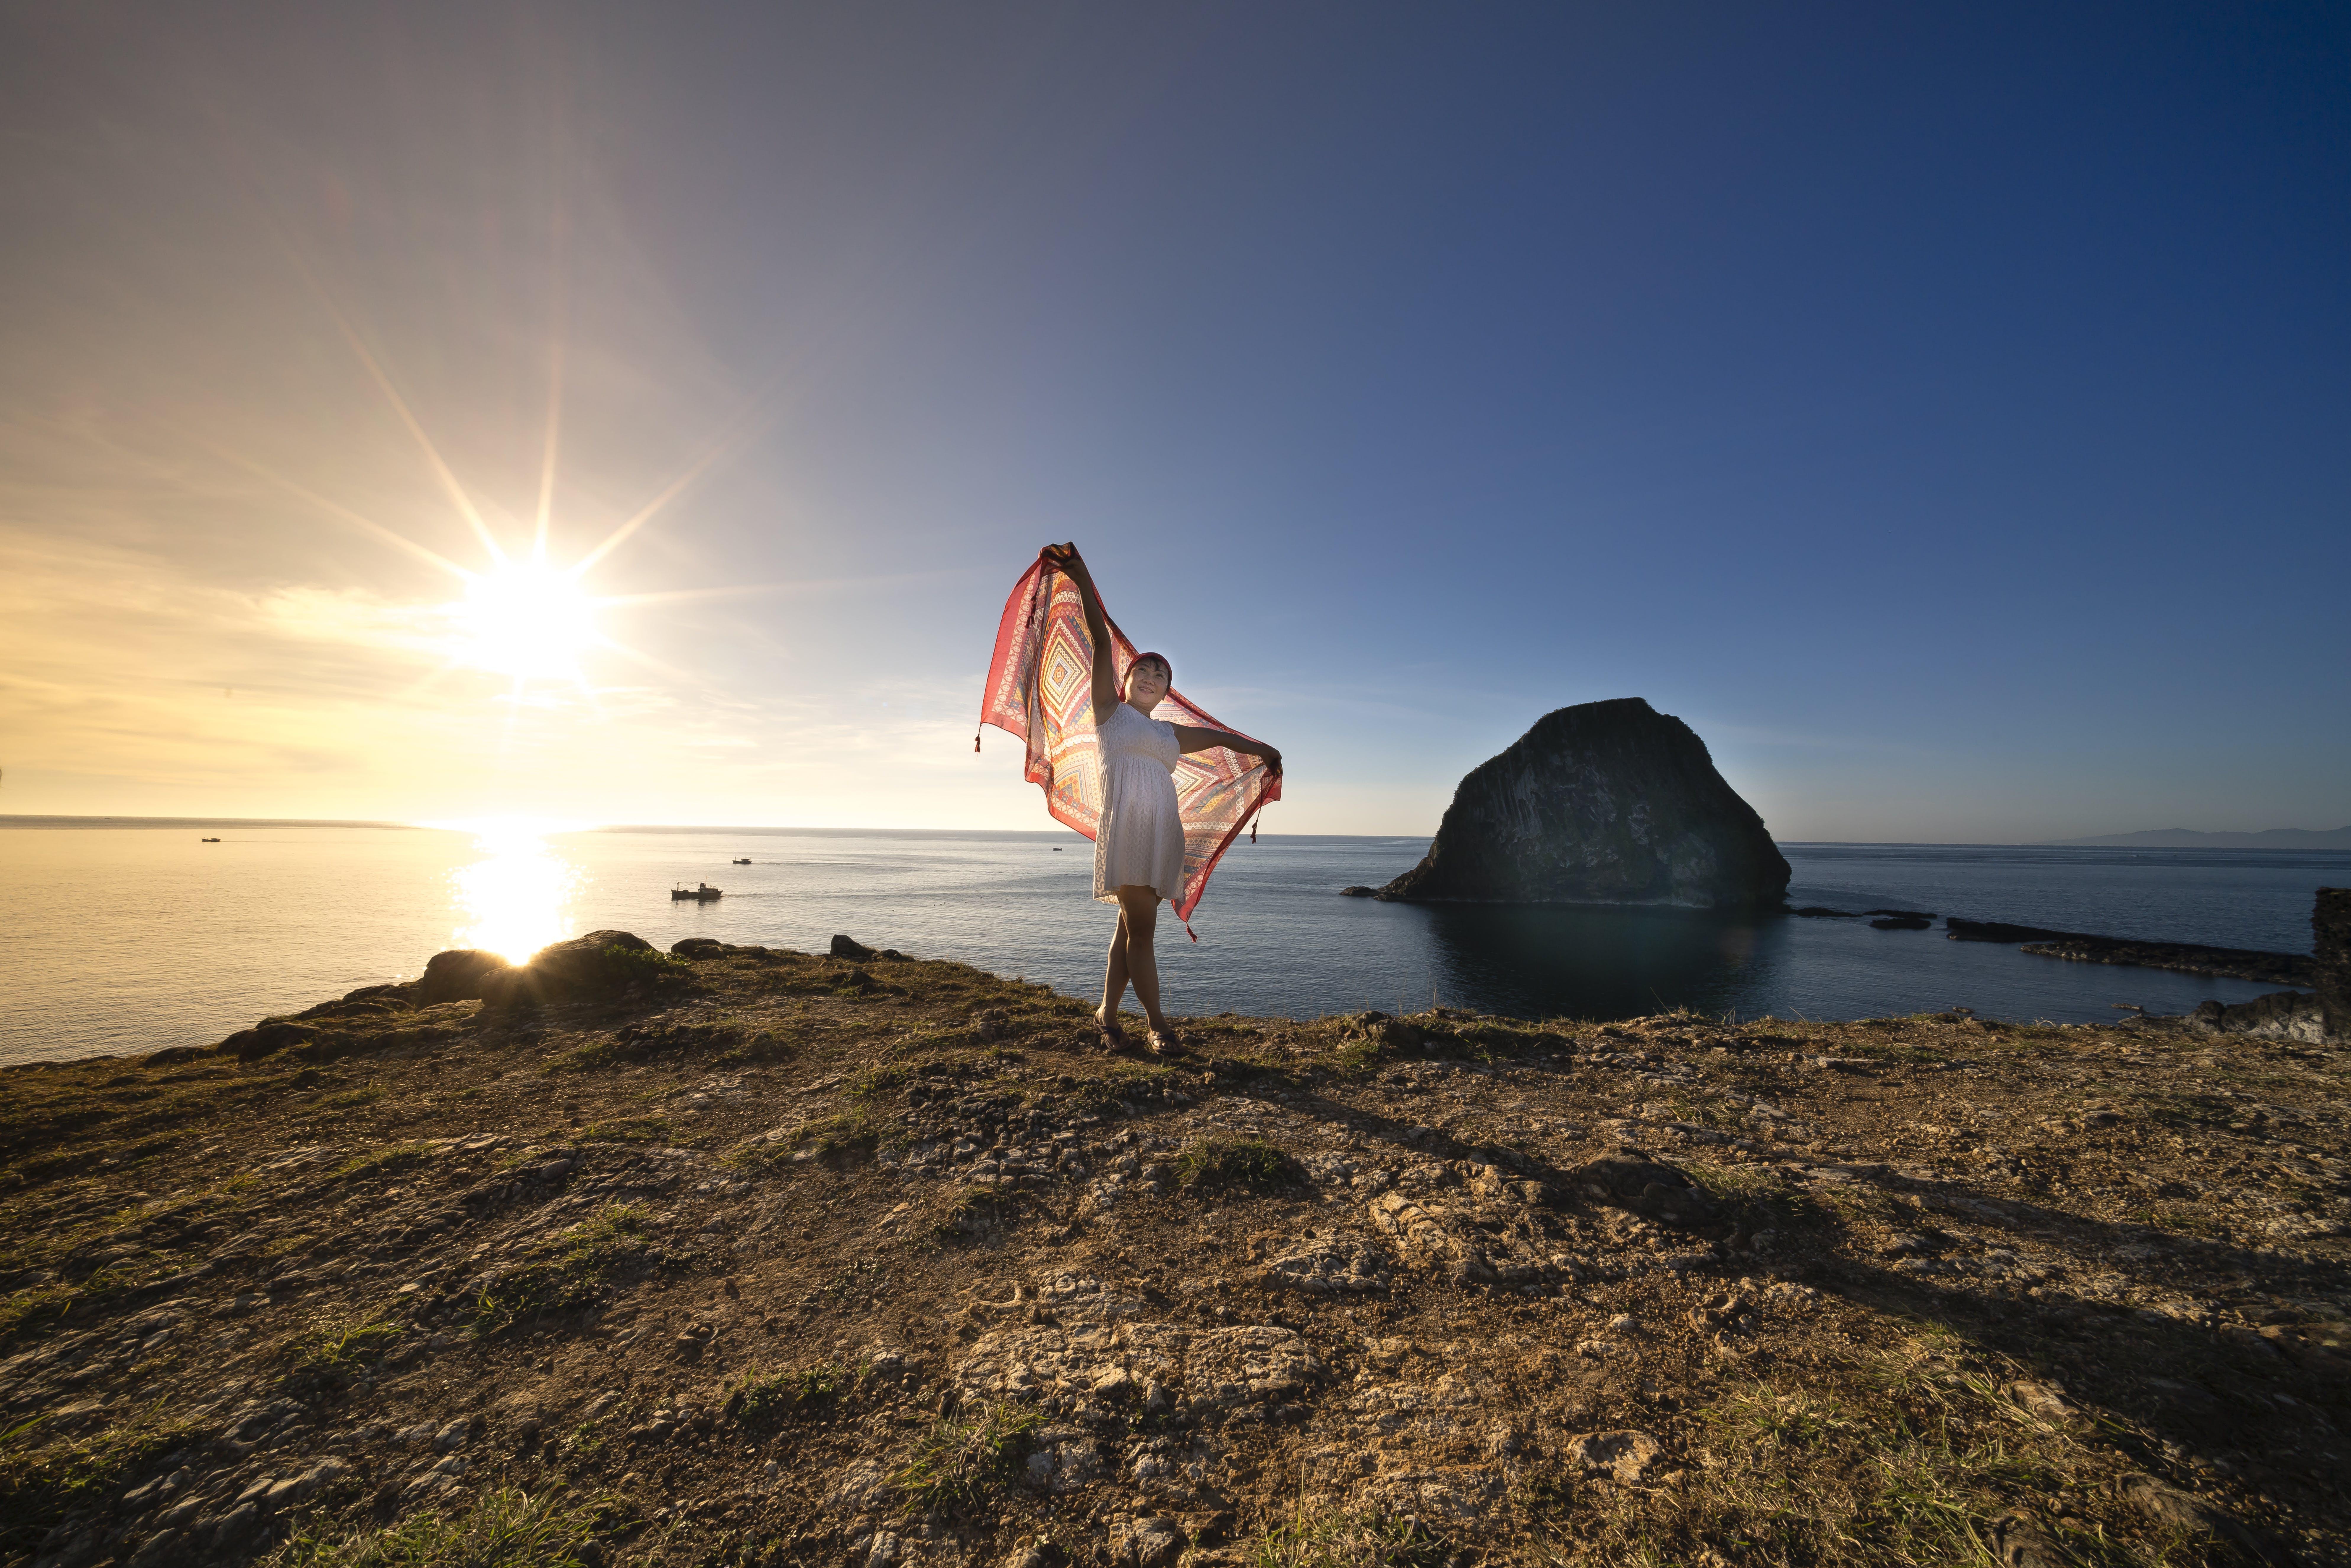 Gratis lagerfoto af hav, person, rock, sol